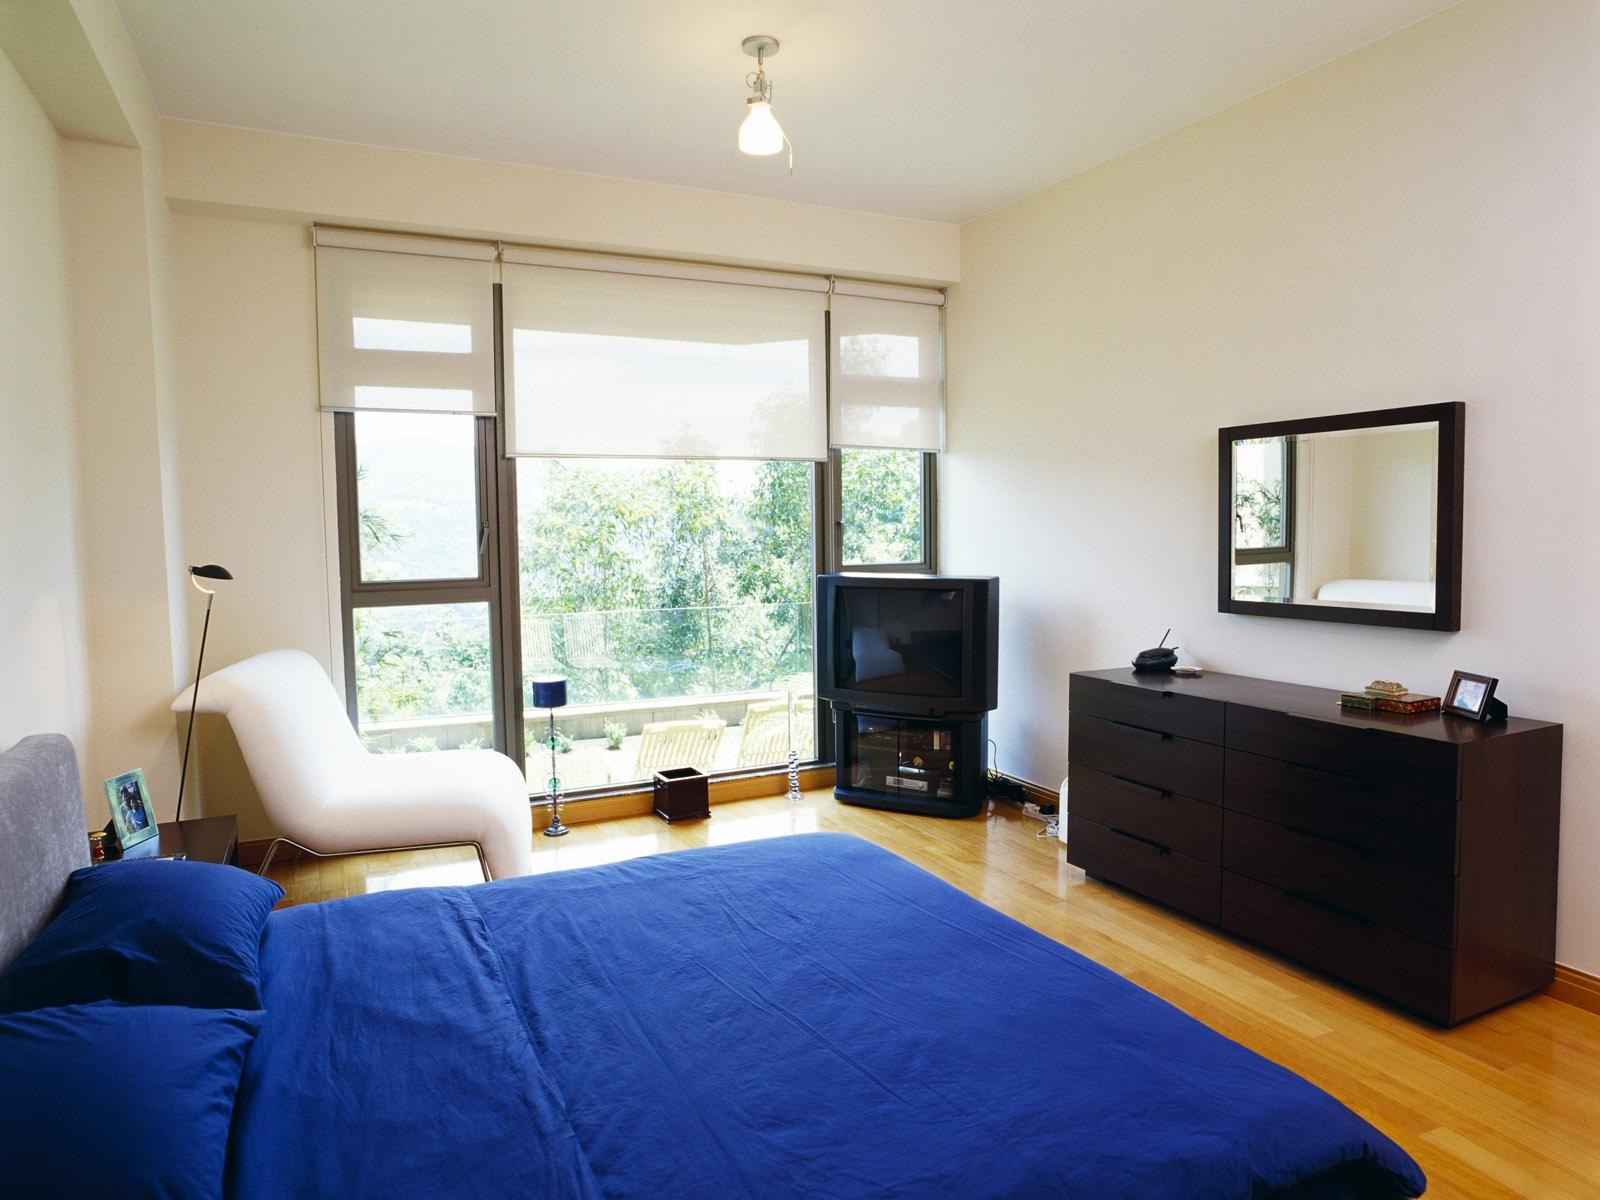 Hintergrundbilder Zimmer Innere Bett Fernseher Schlafzimmer